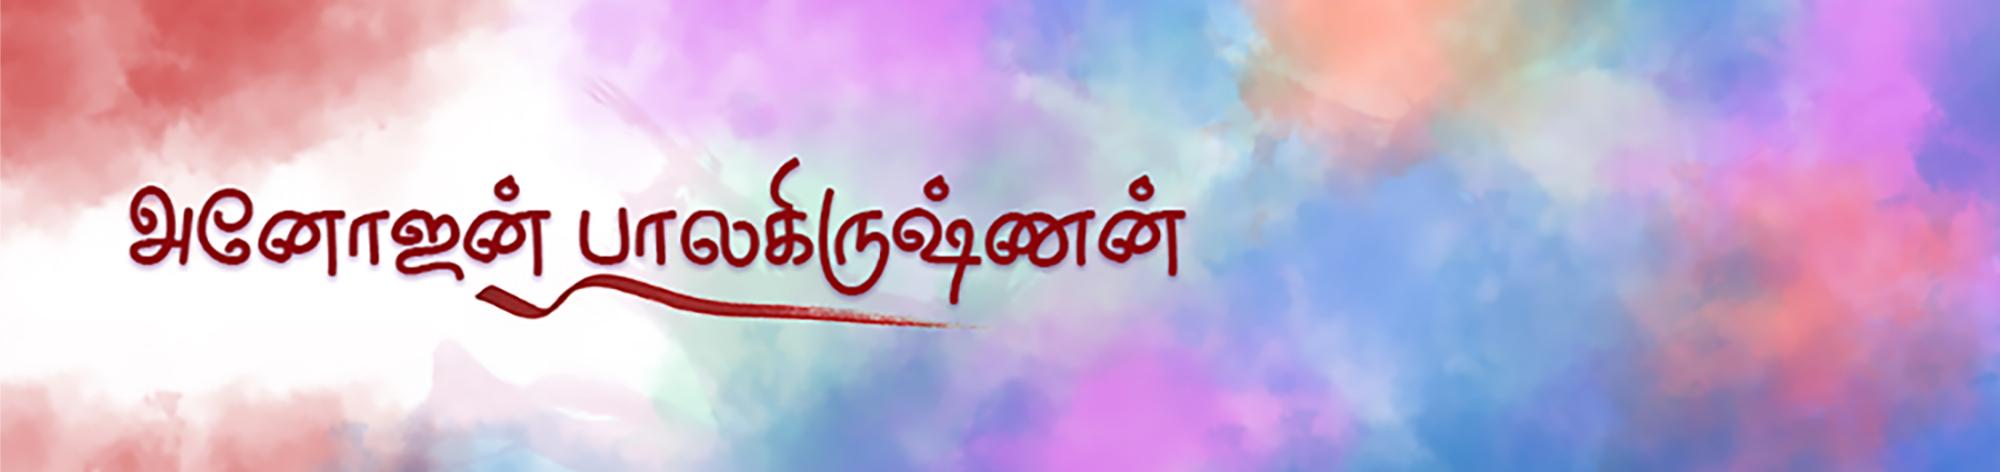 அனோஜன் பாலகிருஷ்ணன்